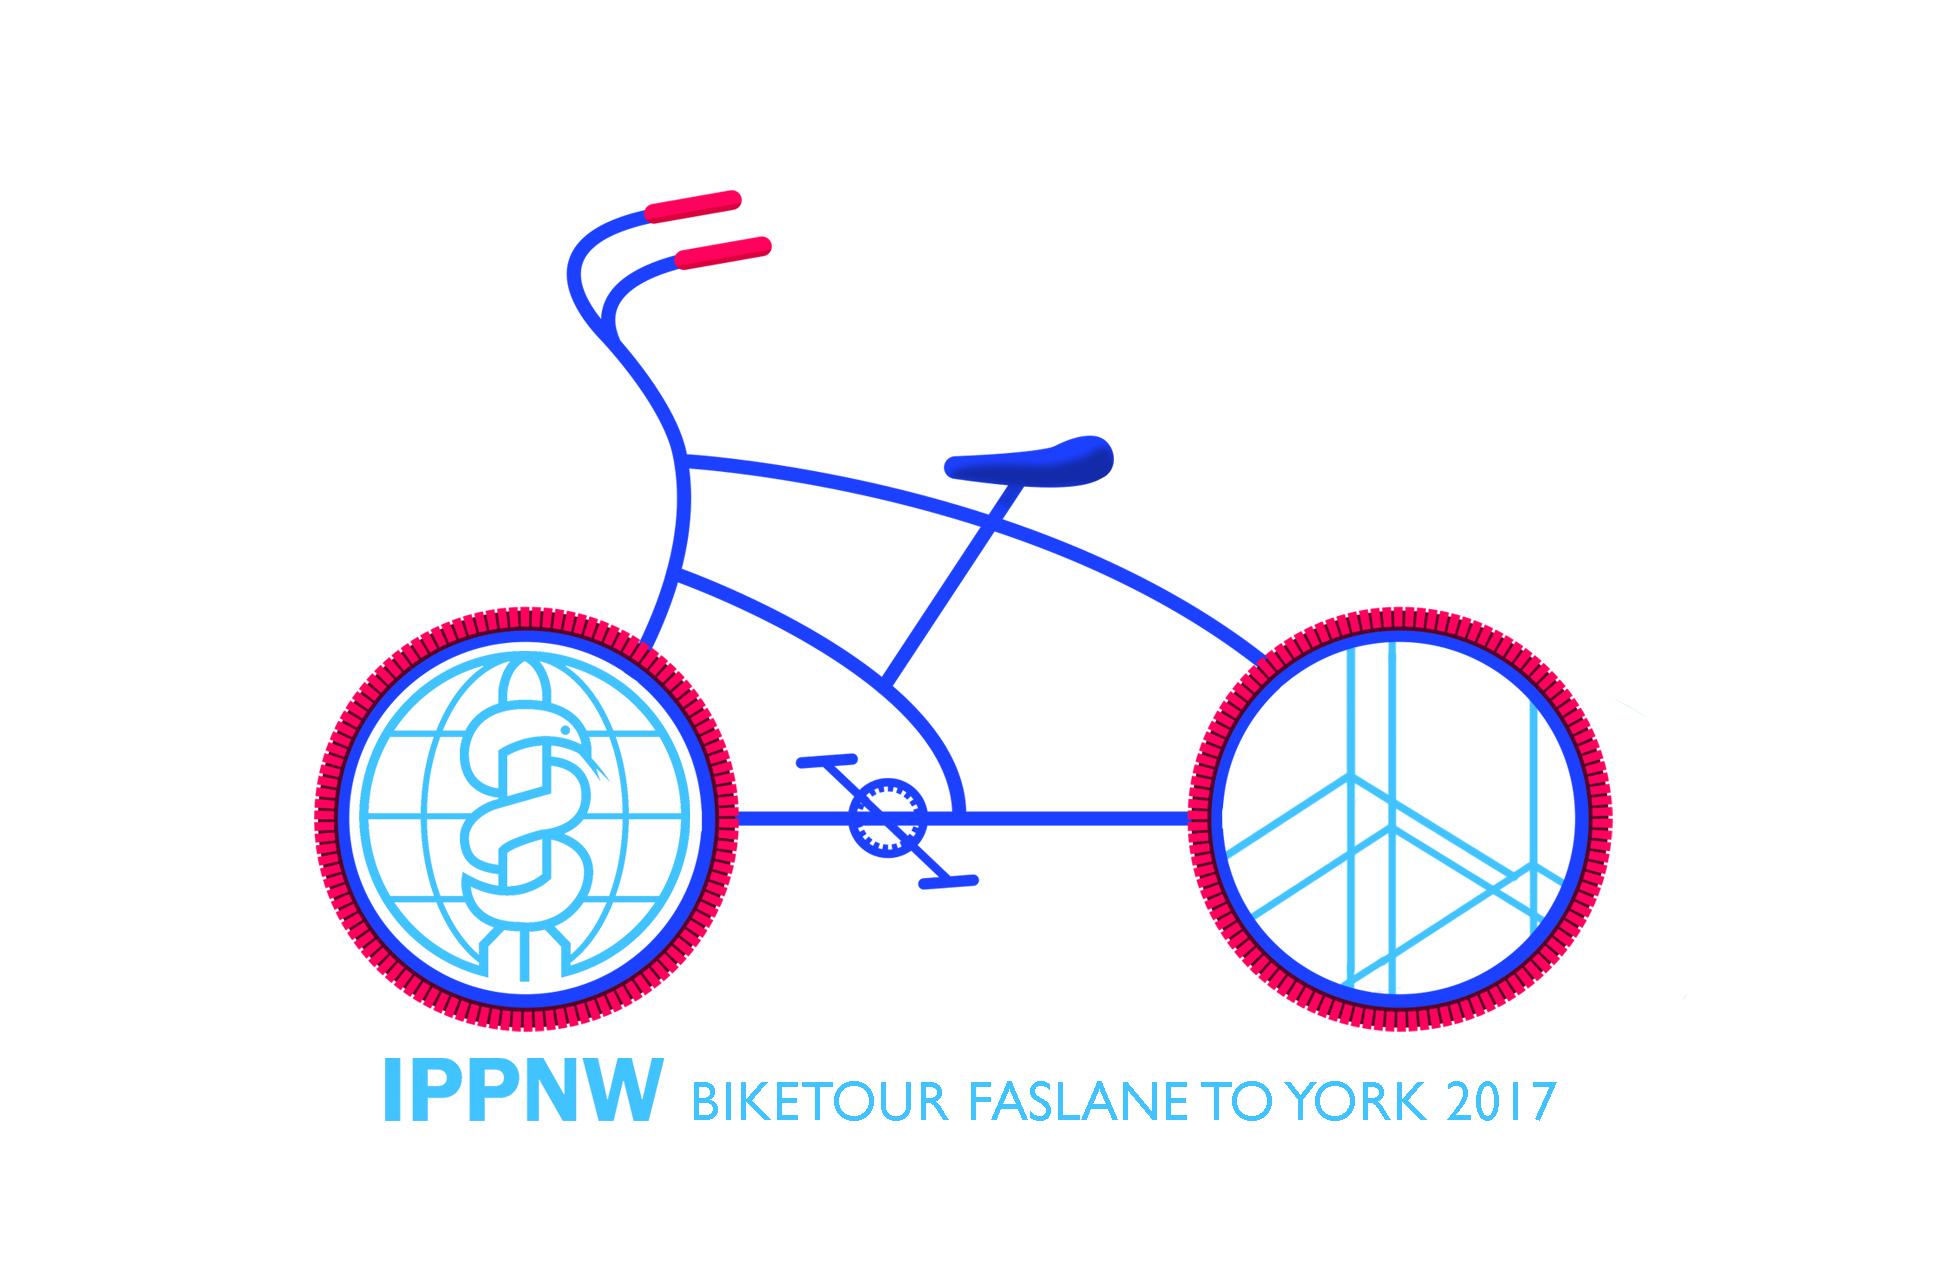 IPPNW.EU | Www.ippnw.eu